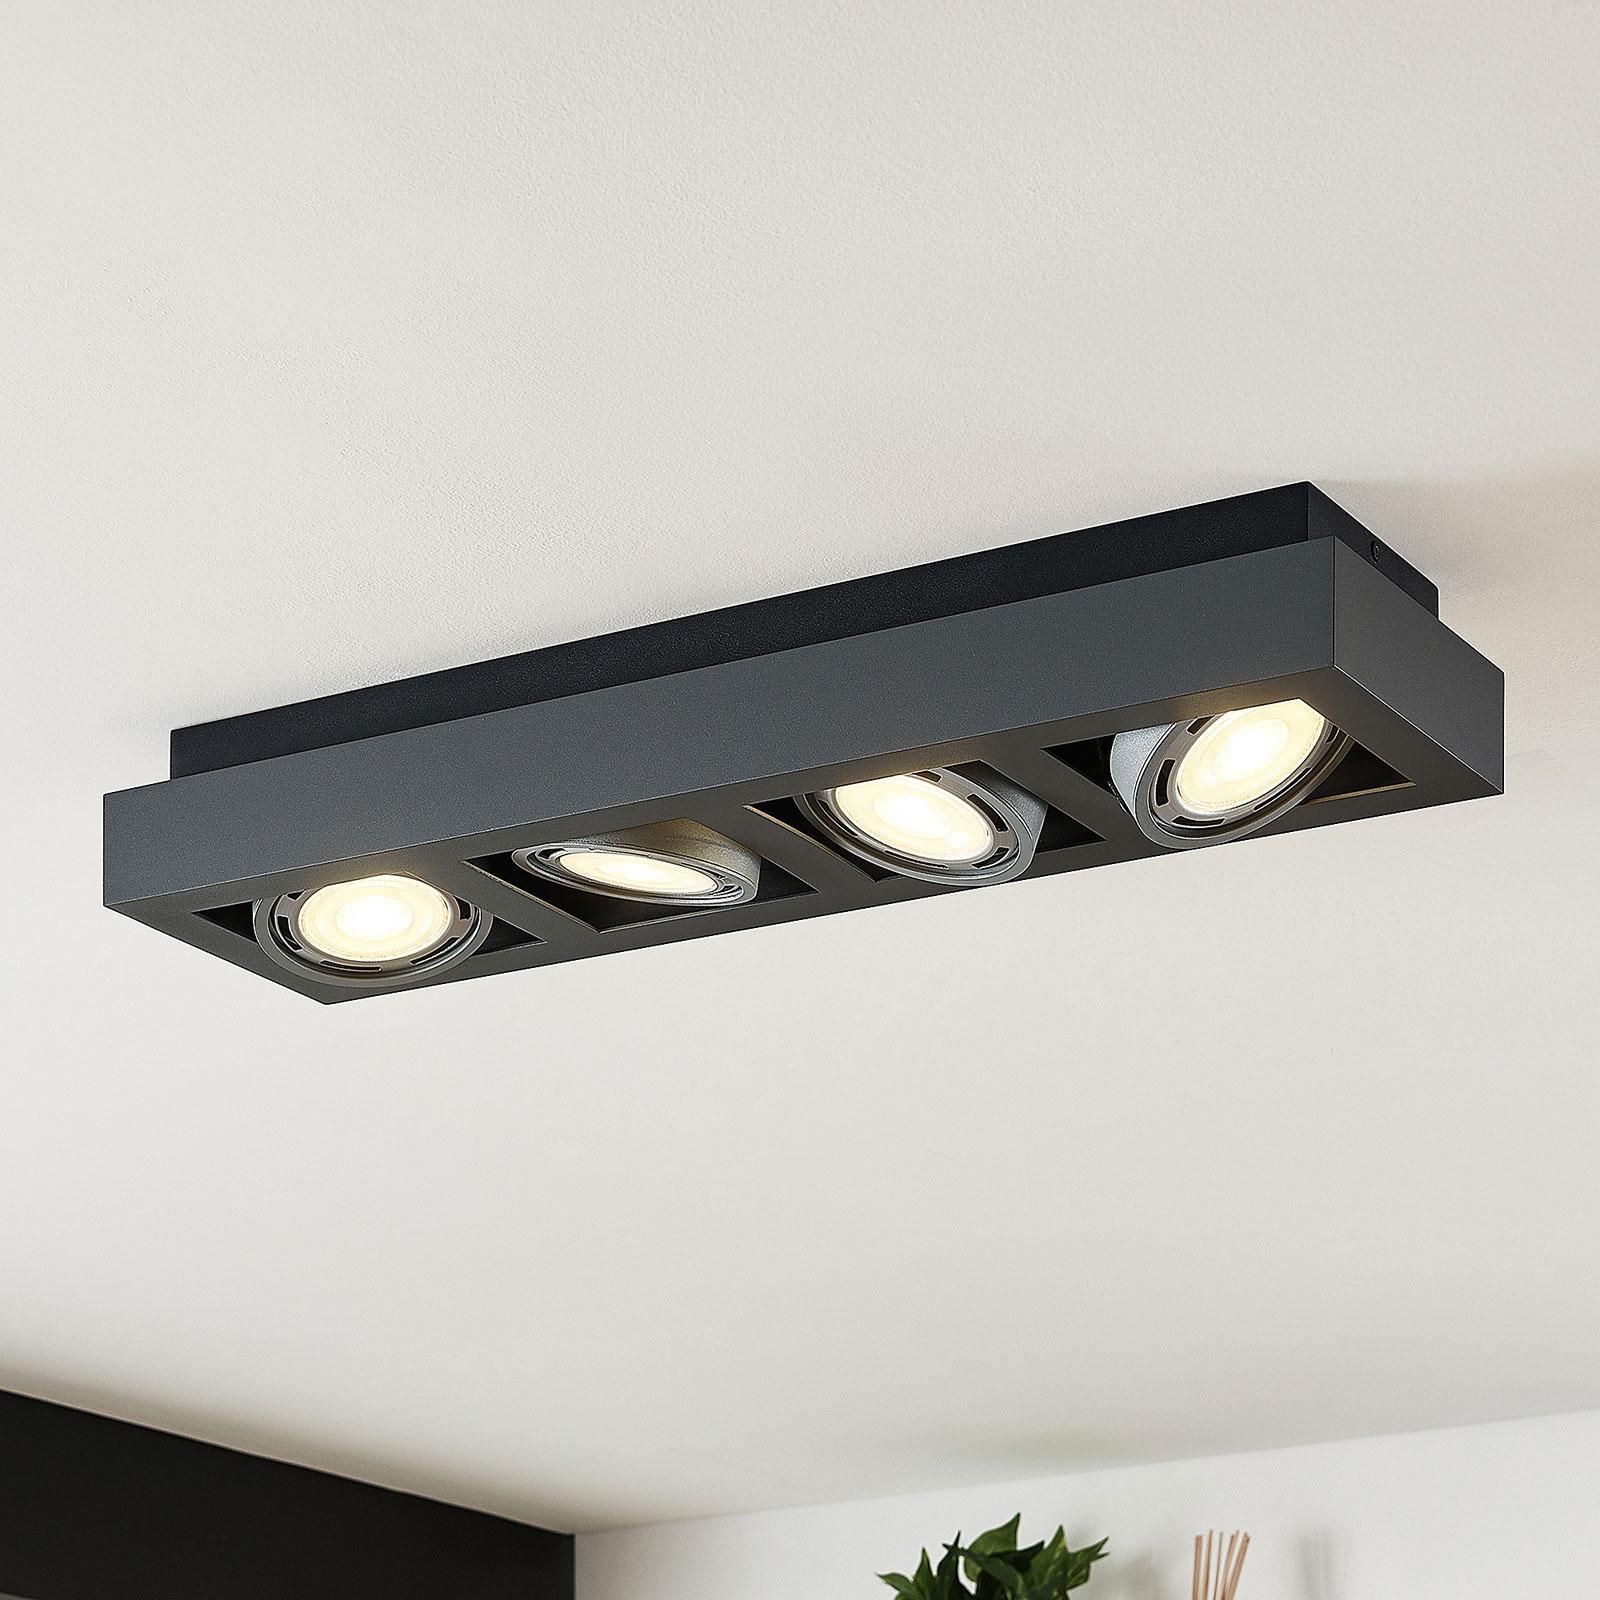 LED-kattokohdevalo Ronka, 4-lampp. pitkä harmaa